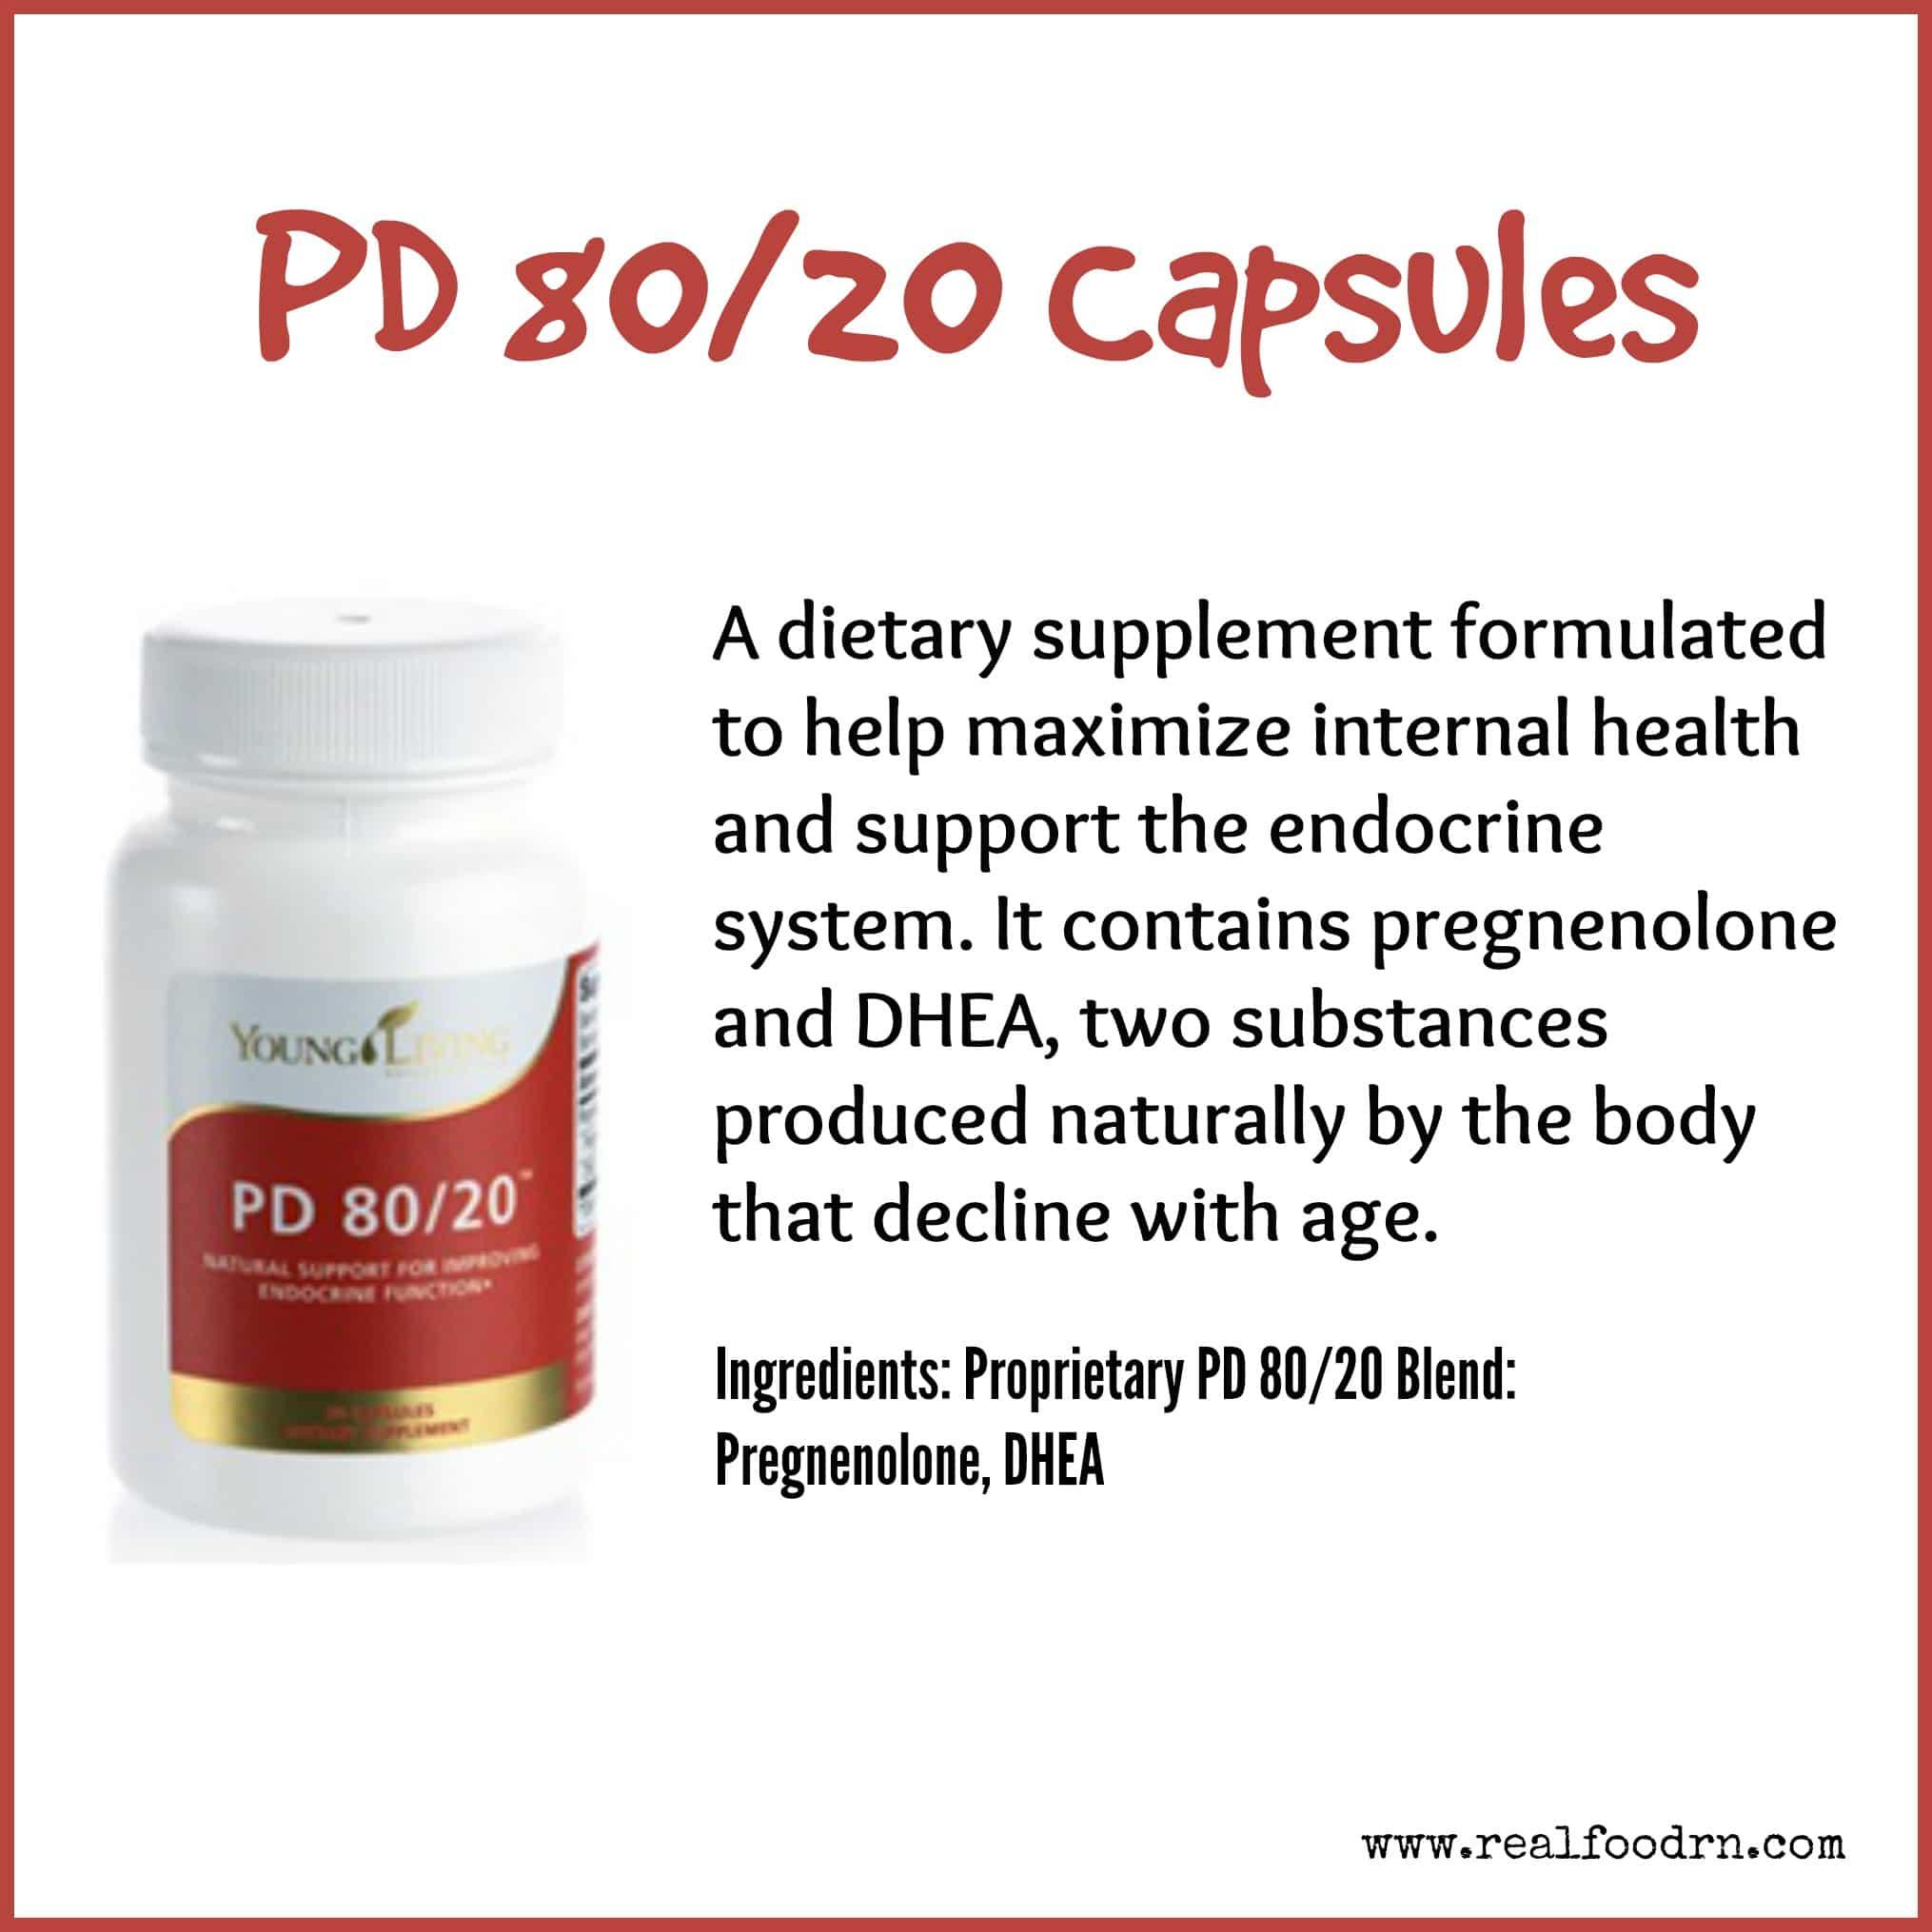 PD 80/20 Capsules